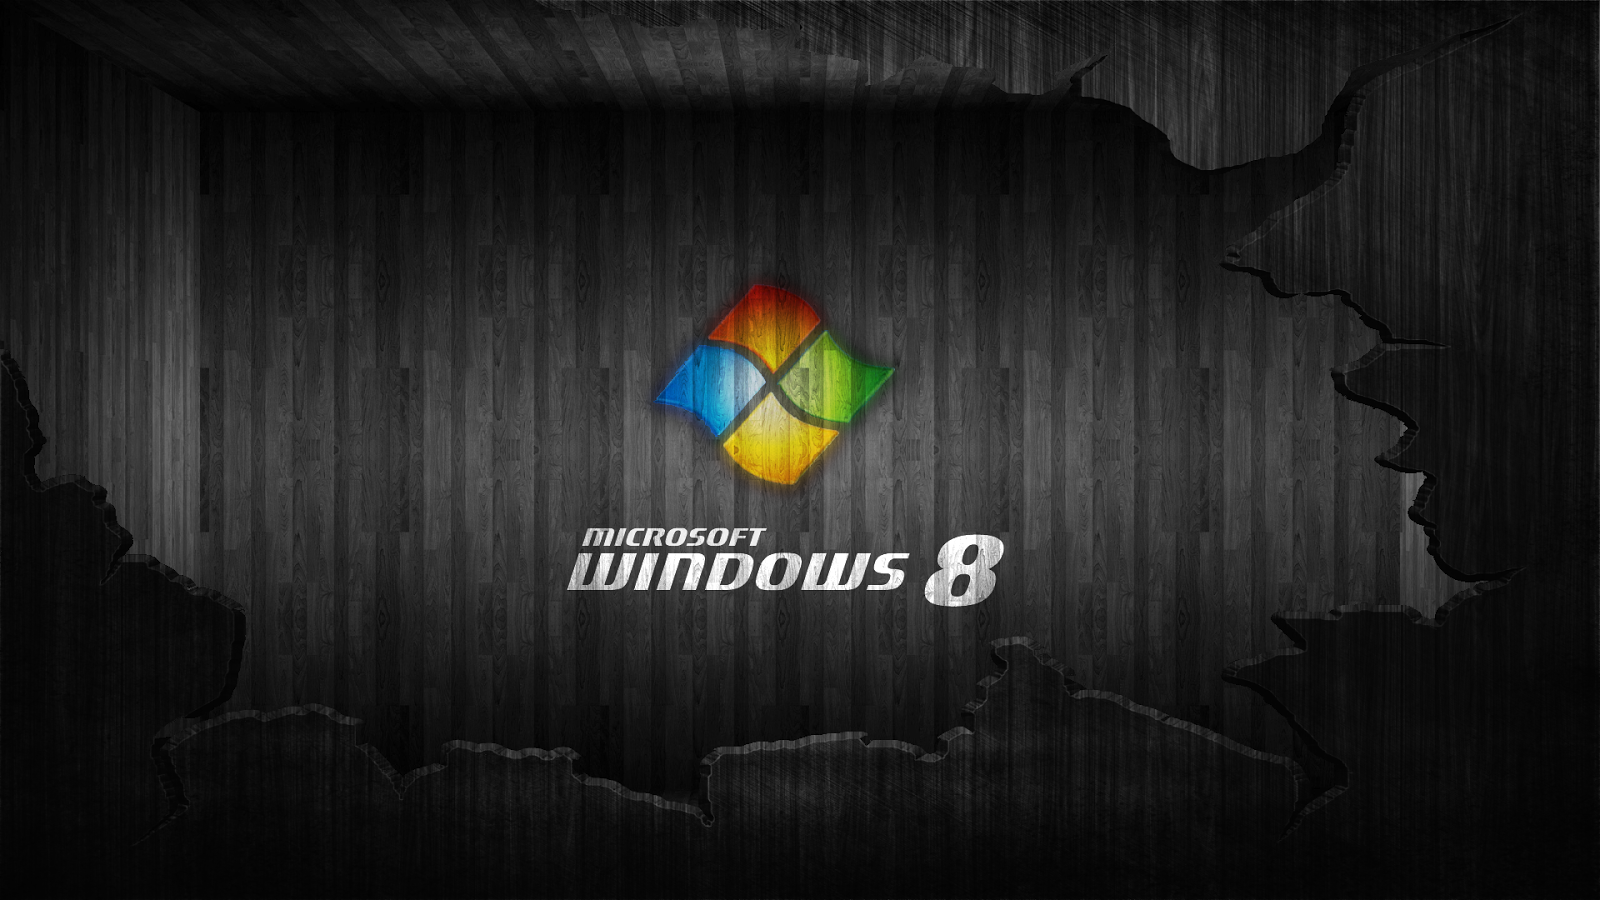 Desktop Background Hd Wallpapers Window 7 Desktop Picture 1600x900